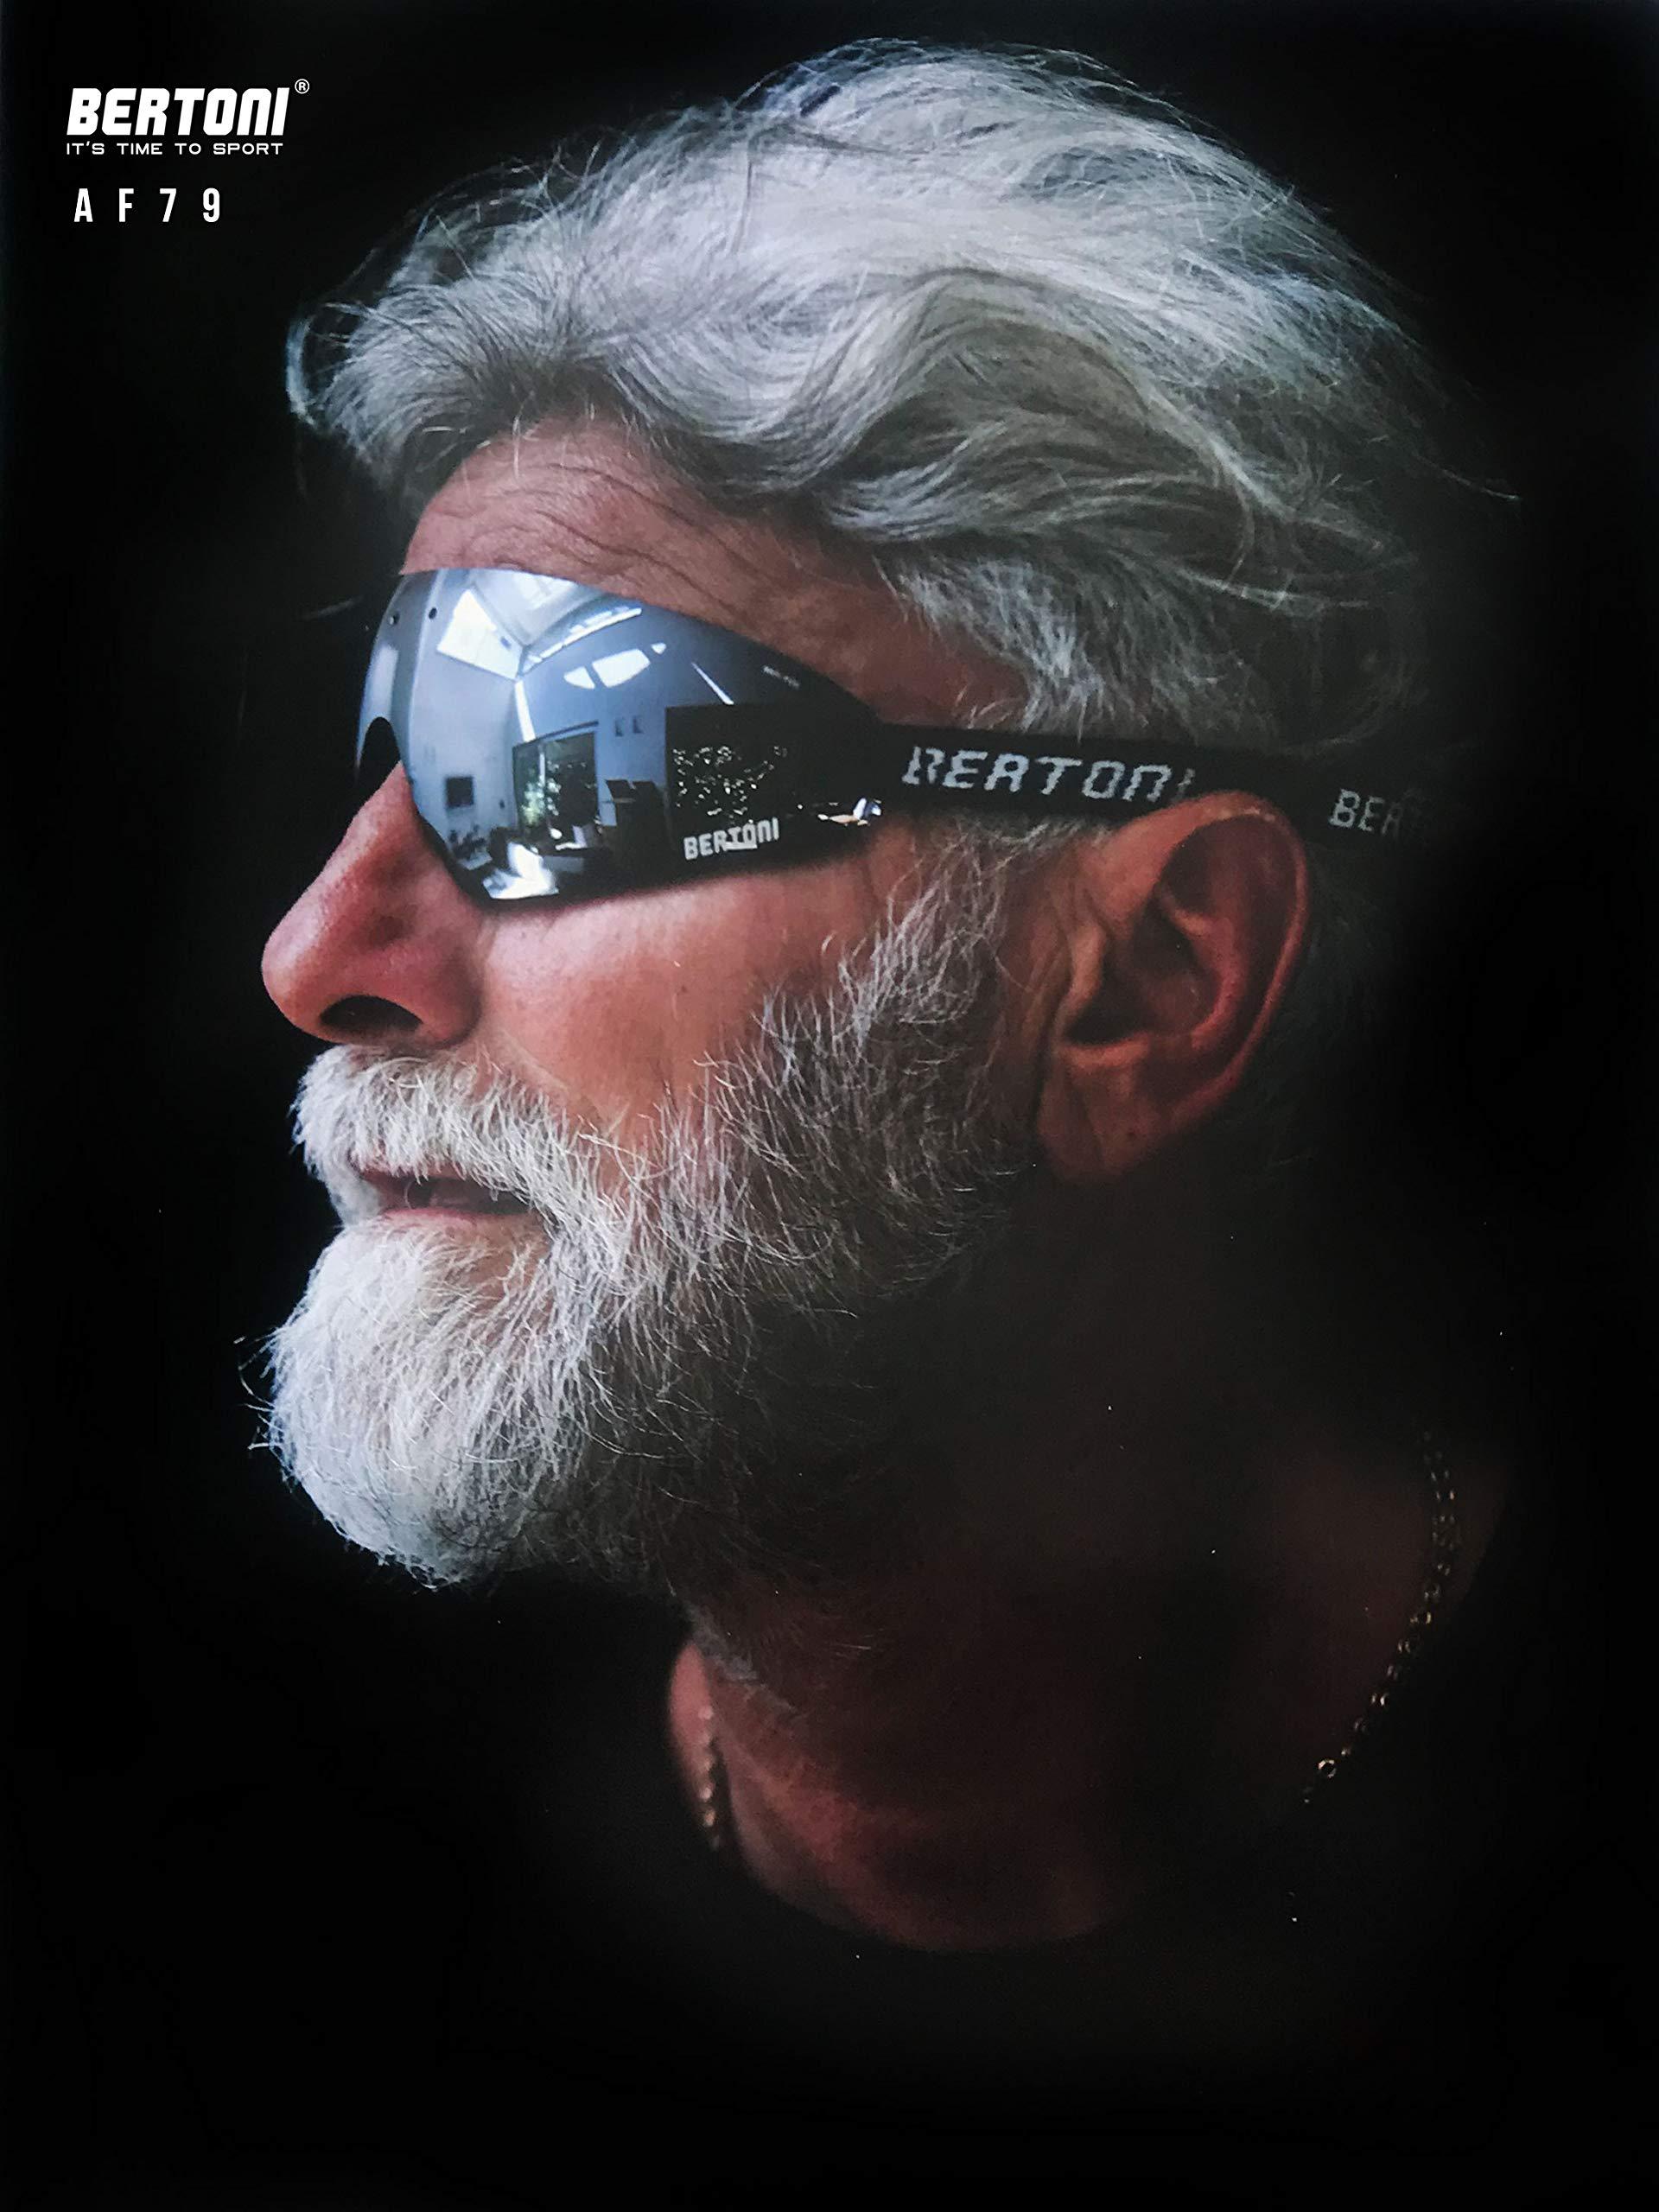 Masque lunettes moto Bertoni AF79 7